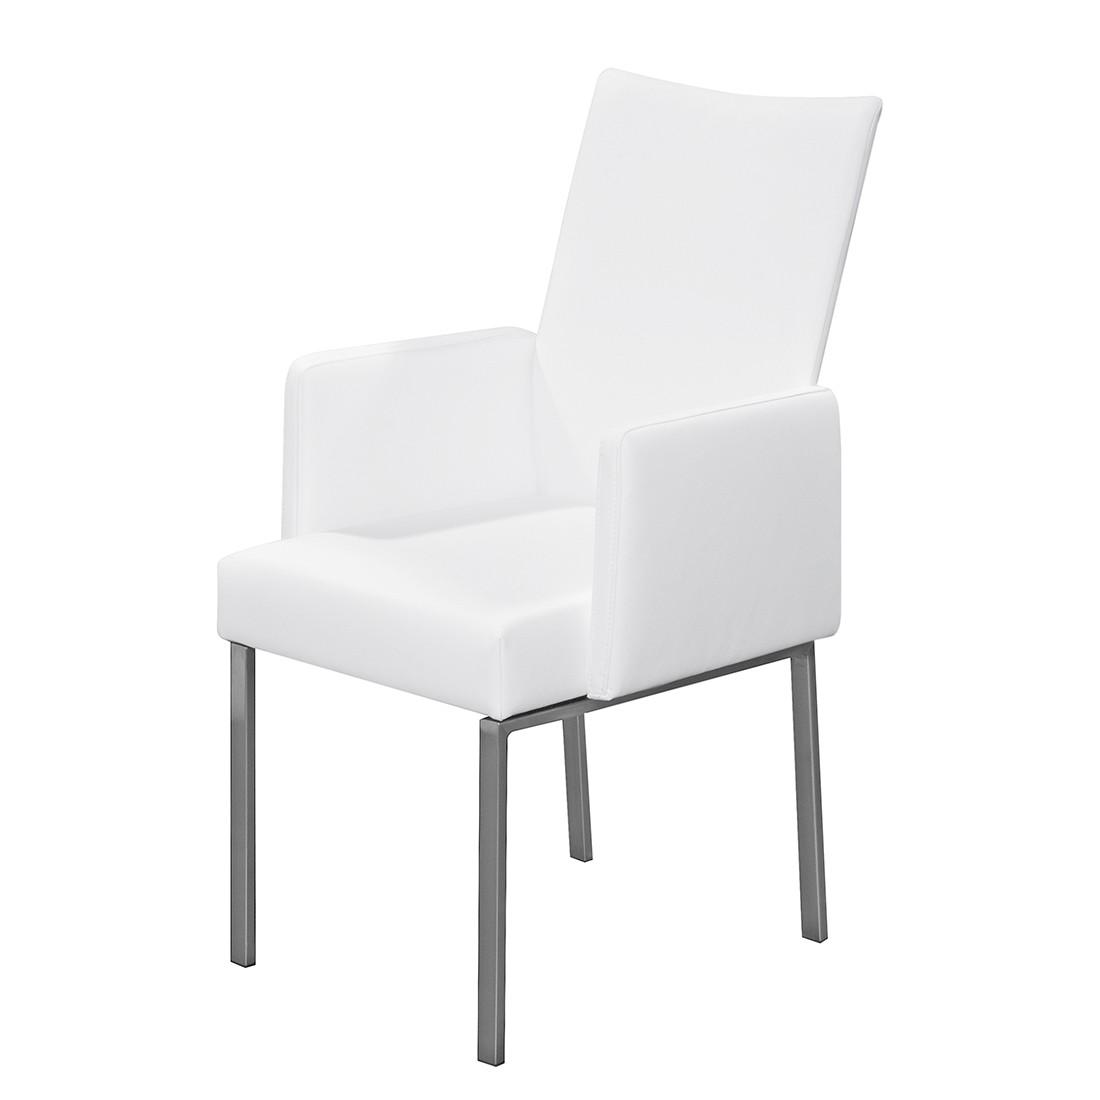 Armlehnenstuhl Set – Kunstleder Weiß, Arte M günstig